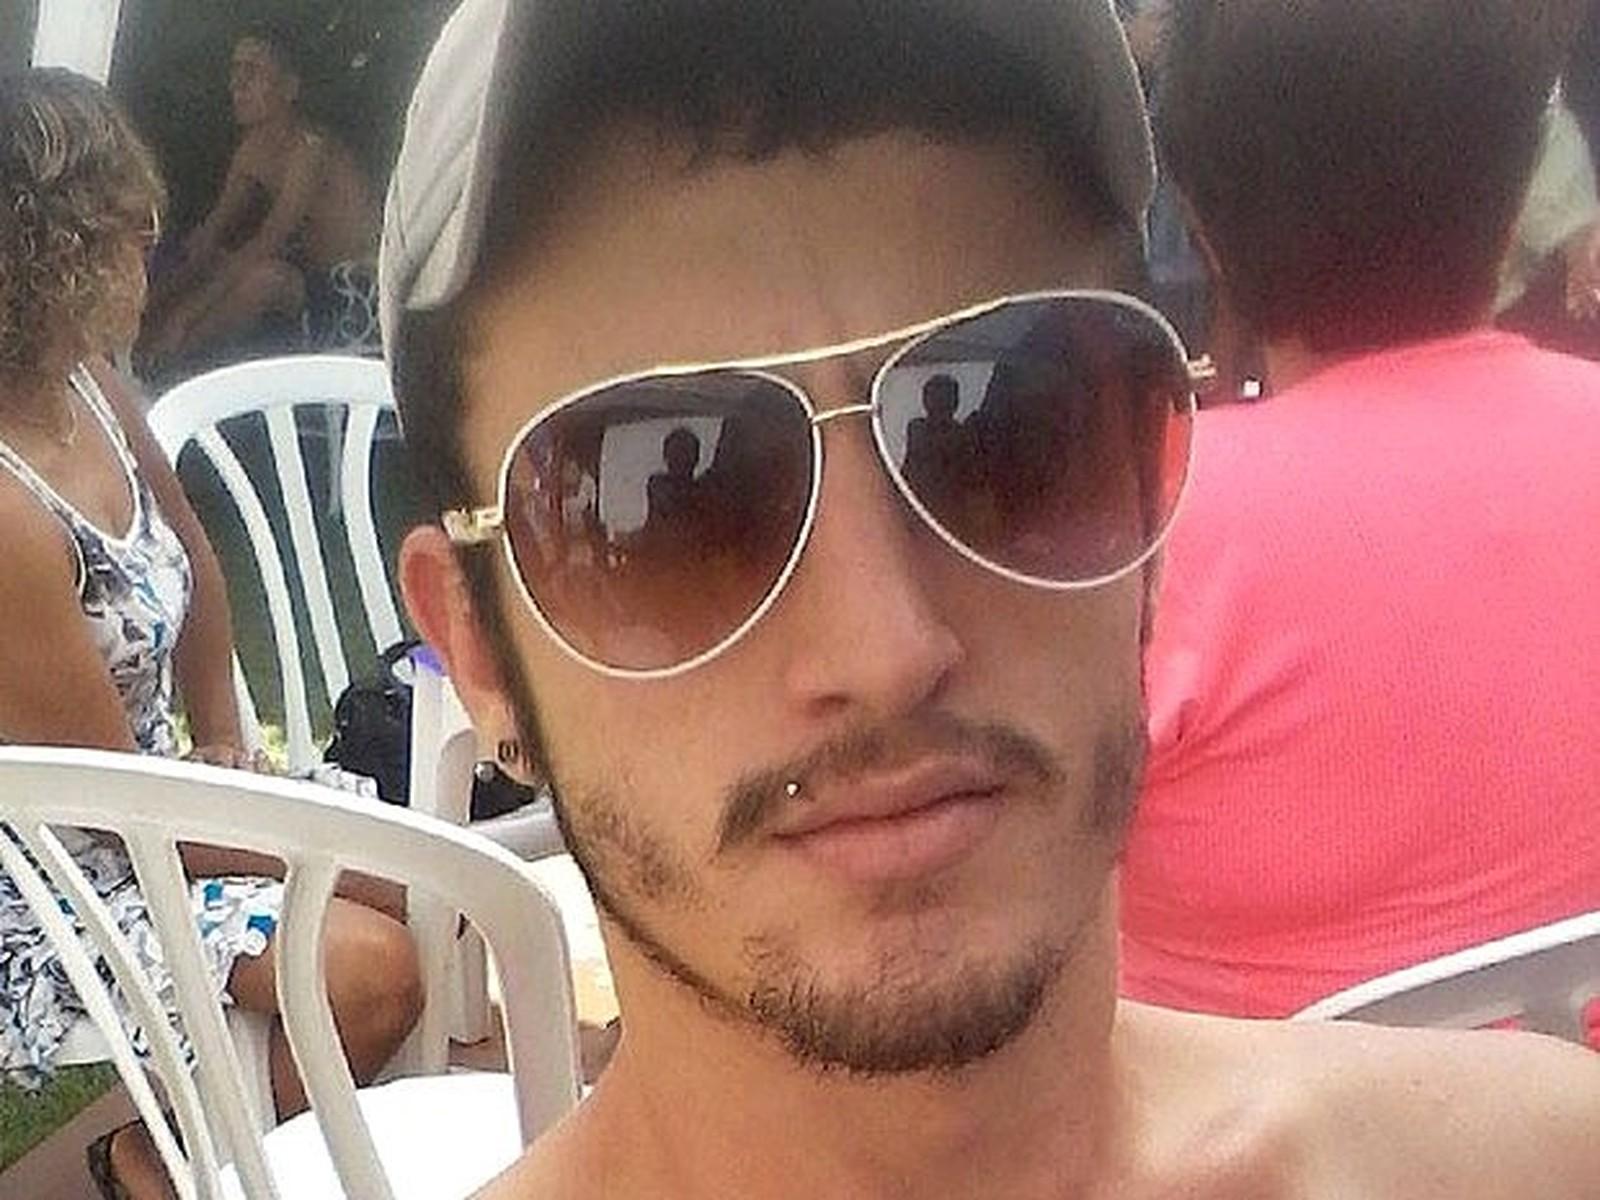 Jovem pagou R$ 1 mil por implante no glúteo, de acordo com a polícia